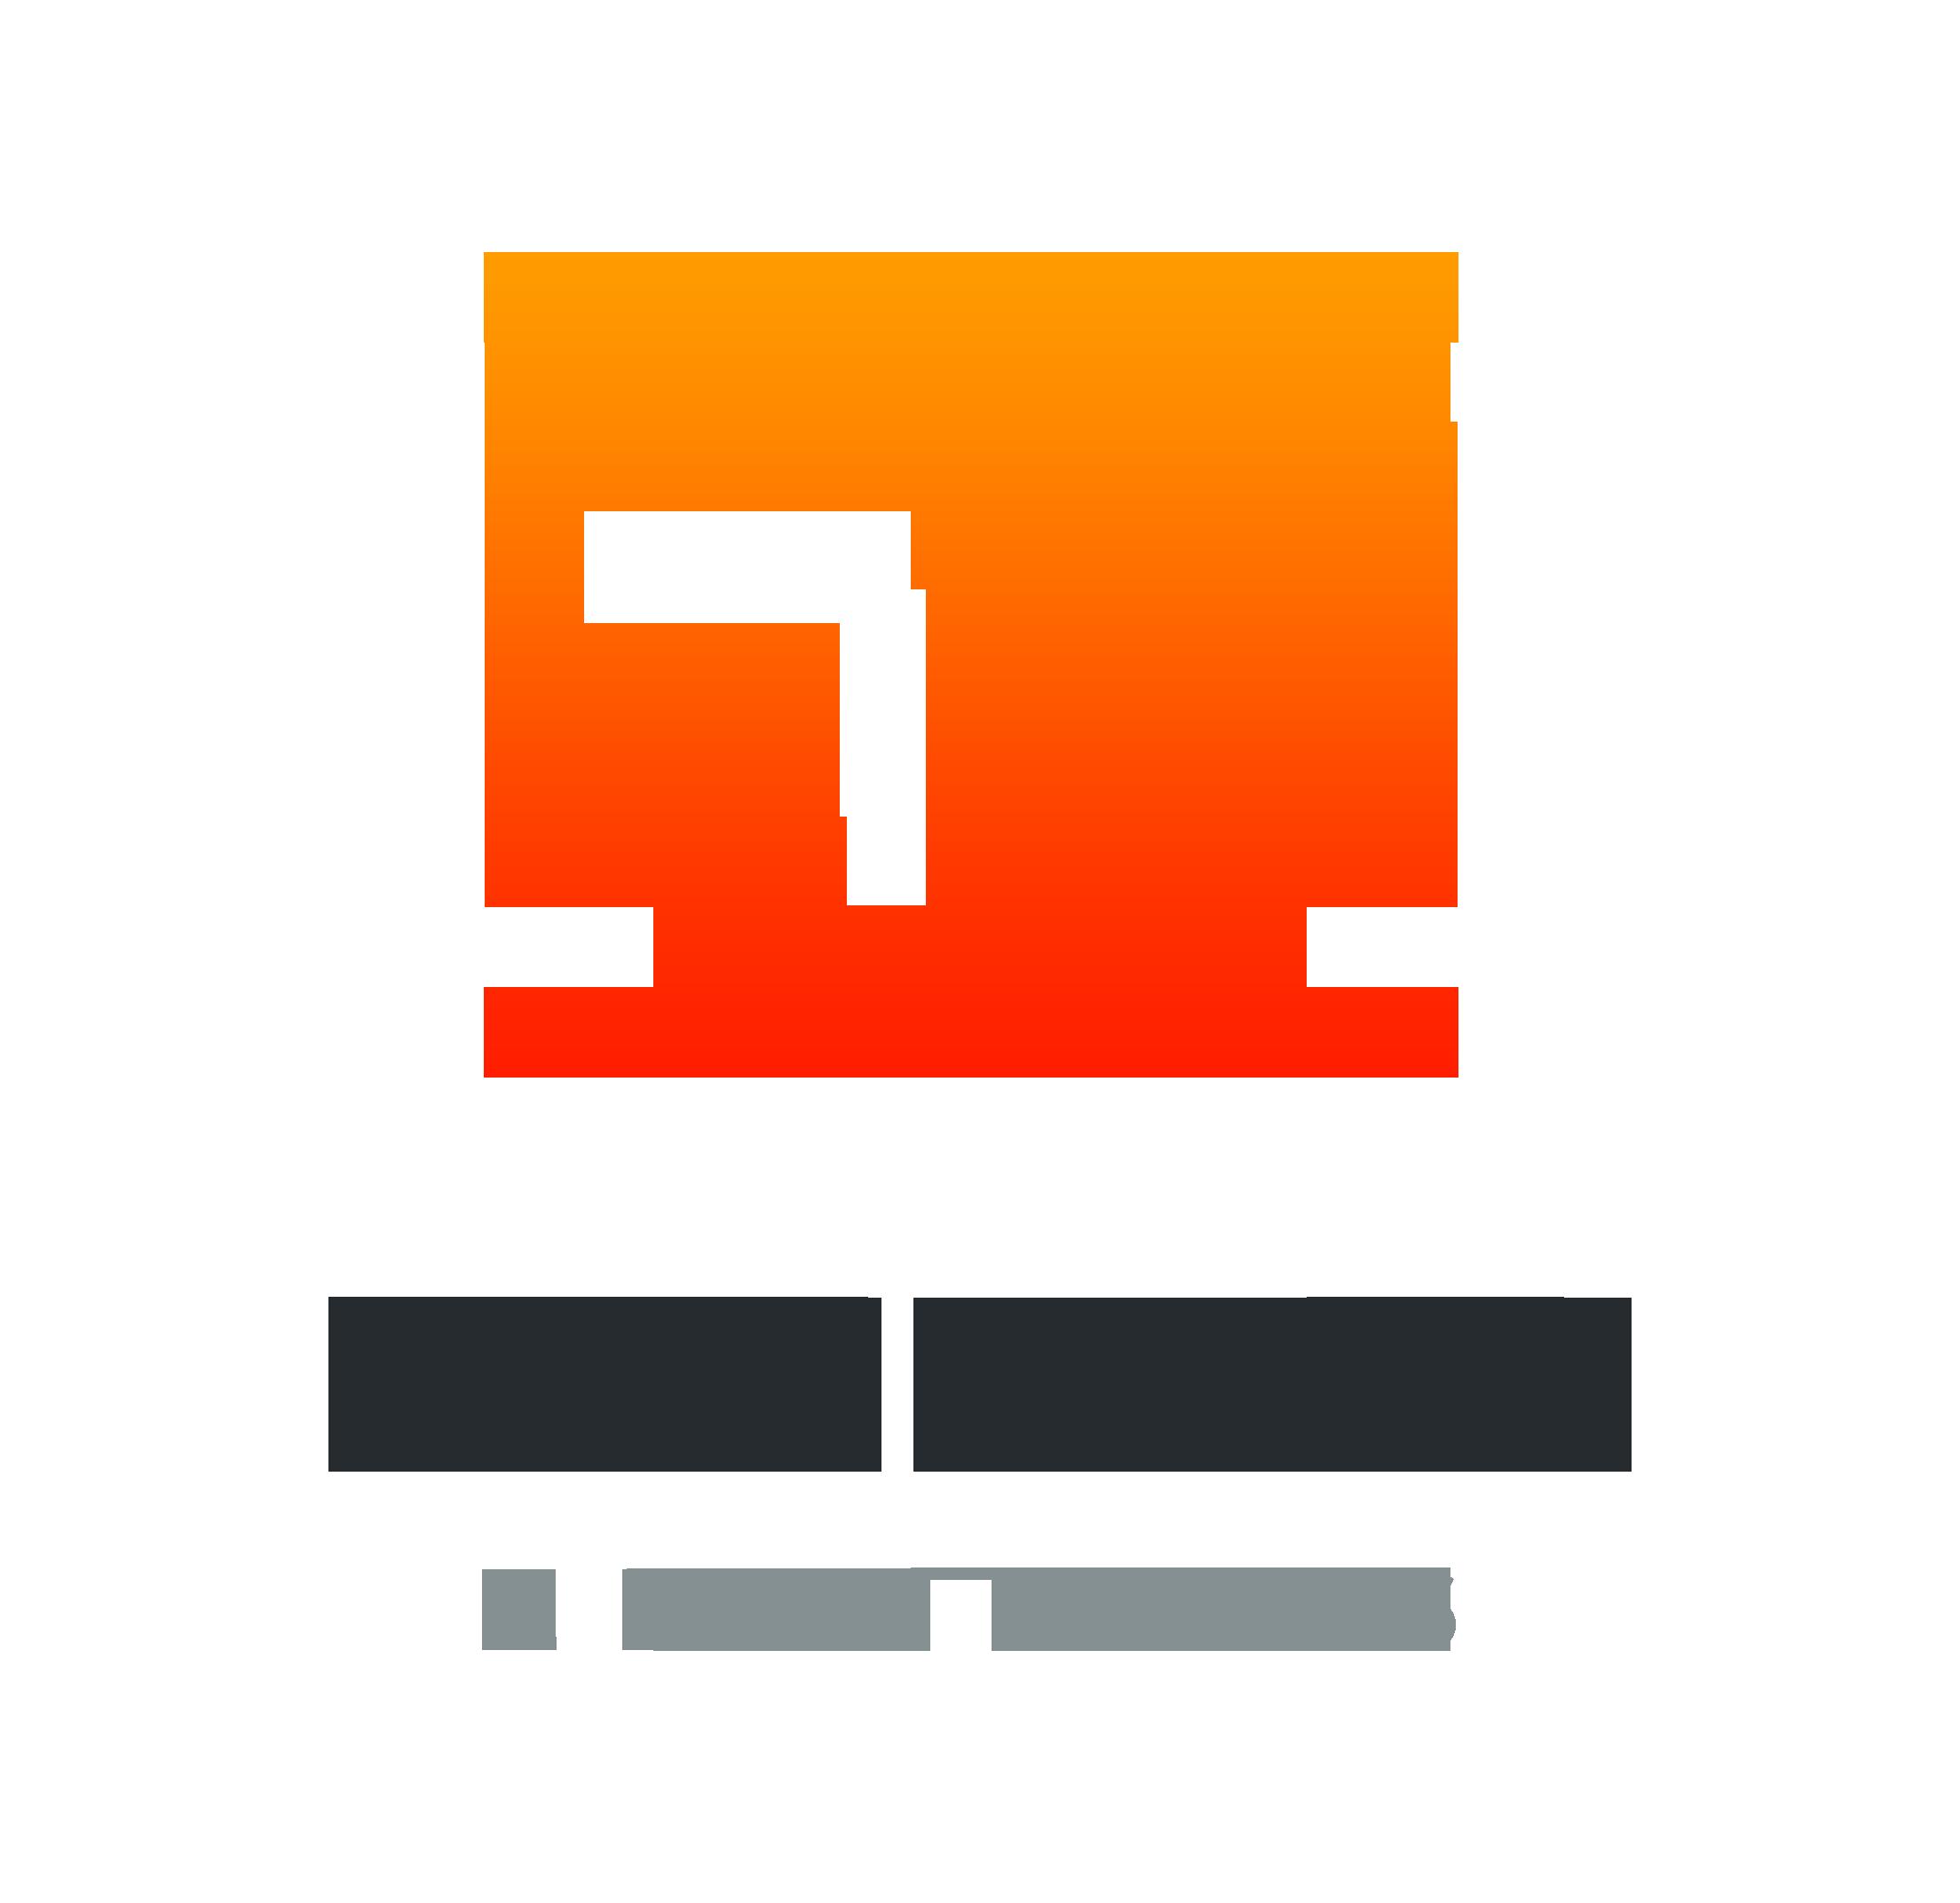 LOGO-ETE-INDIEN-EDITIONS-FOND-TRANSPARENT.png